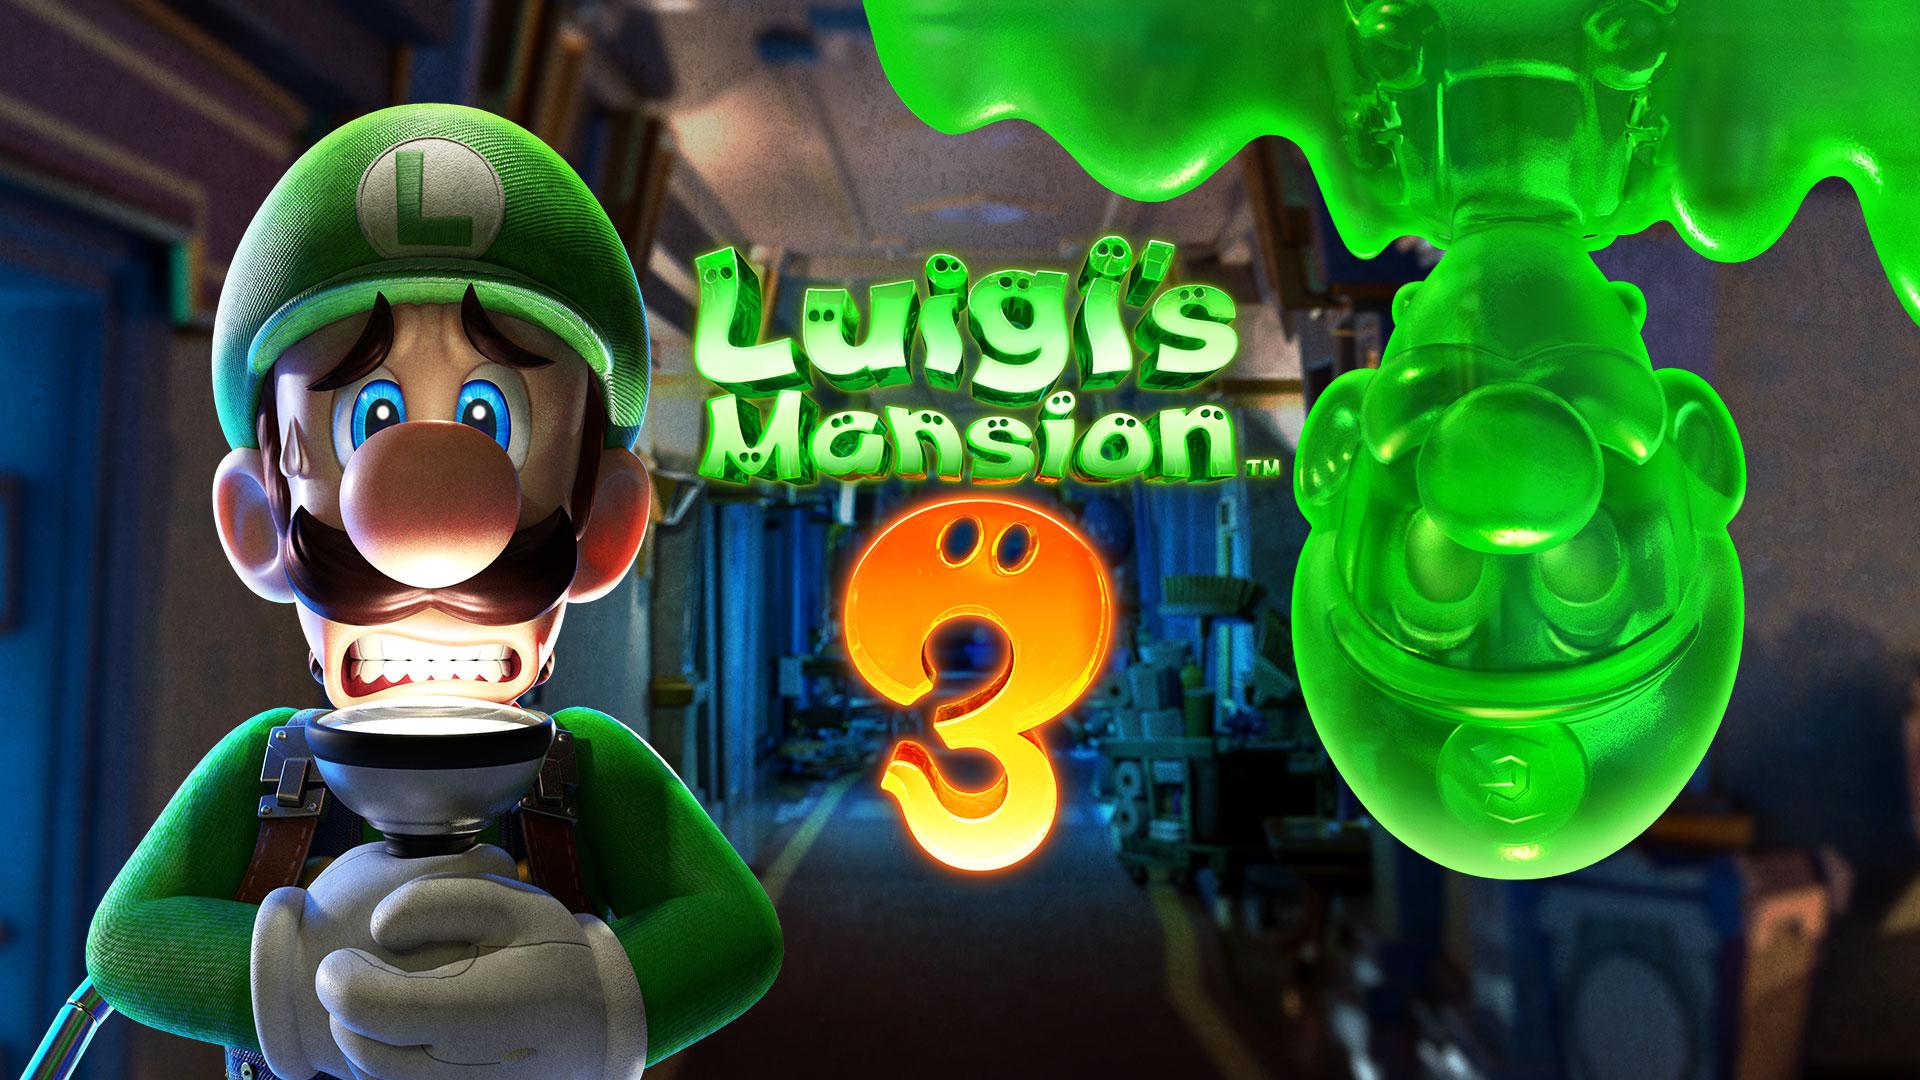 خرید بازی luigis Mansion 3 nintendo switch